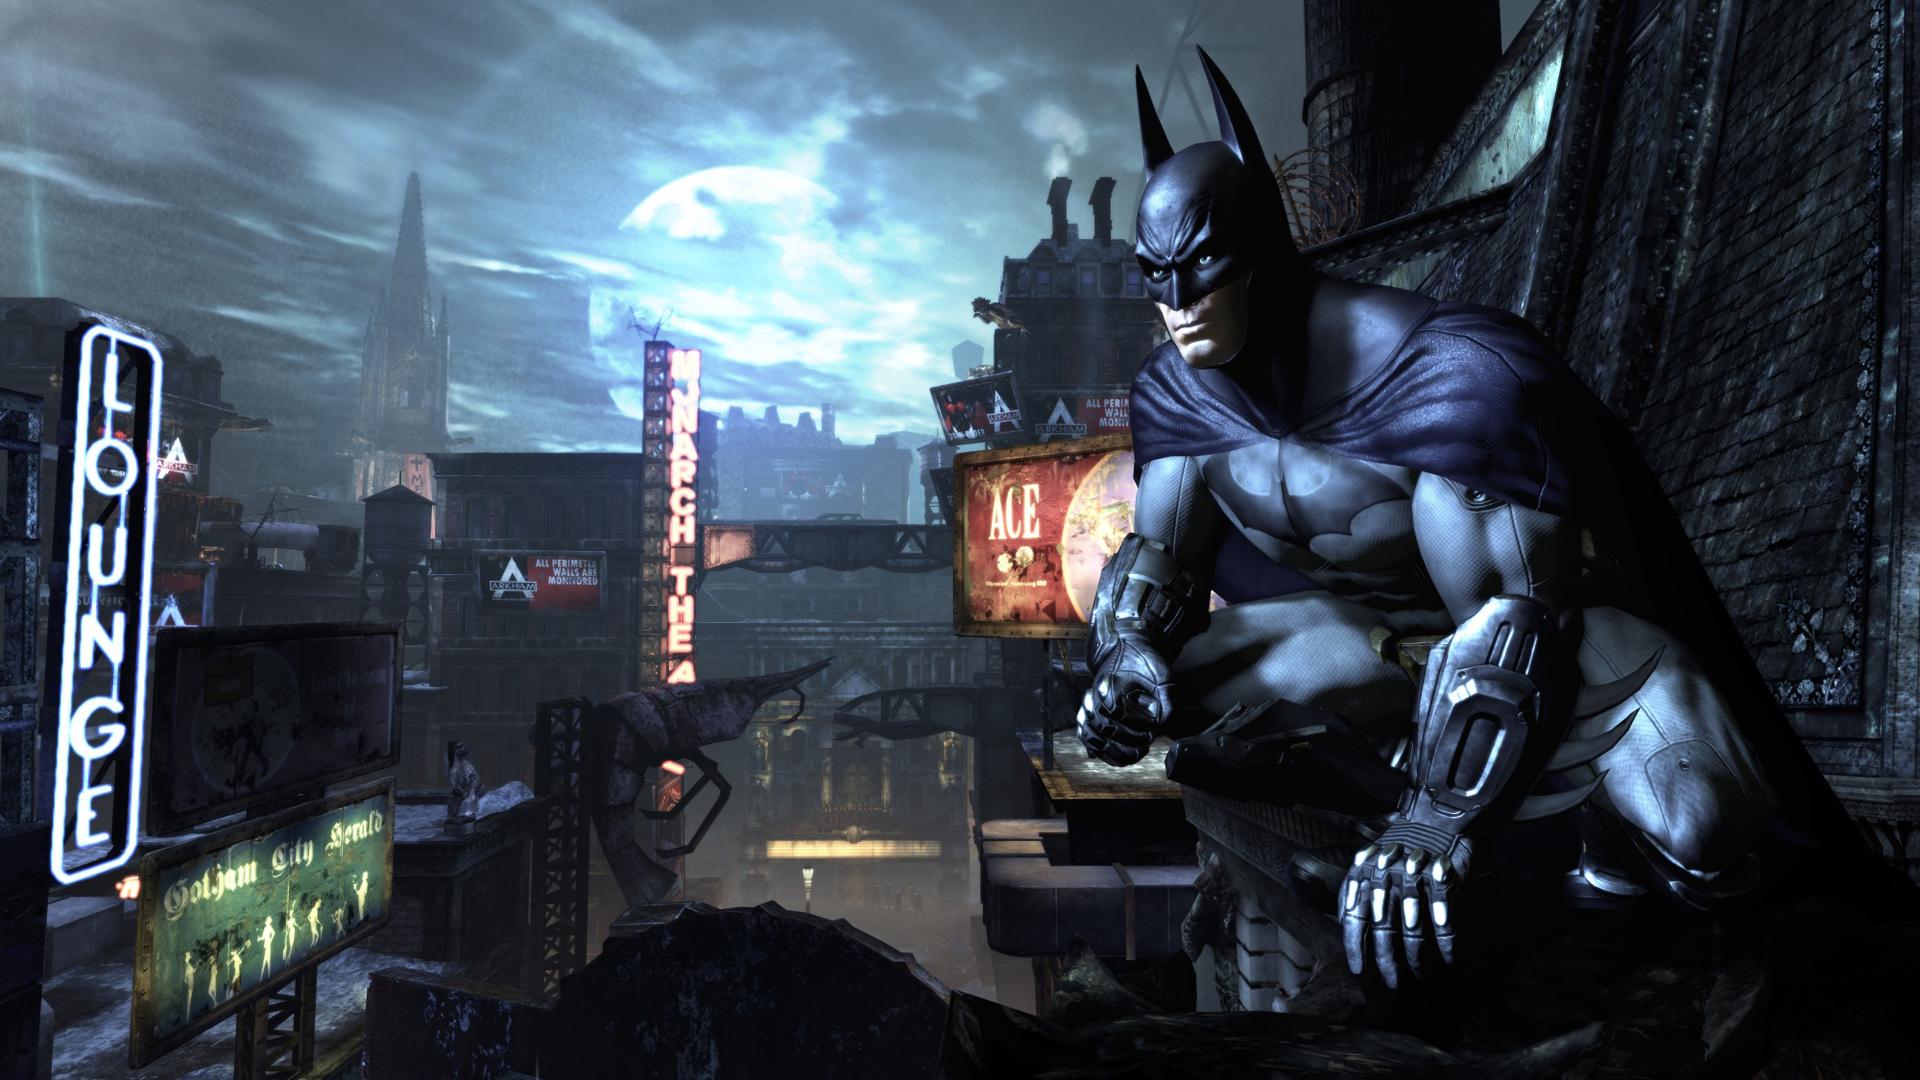 Batman Arkham City Wallpaper Arlequina: Wallpaper HD: Batman: Arkham City HD Wallpapers